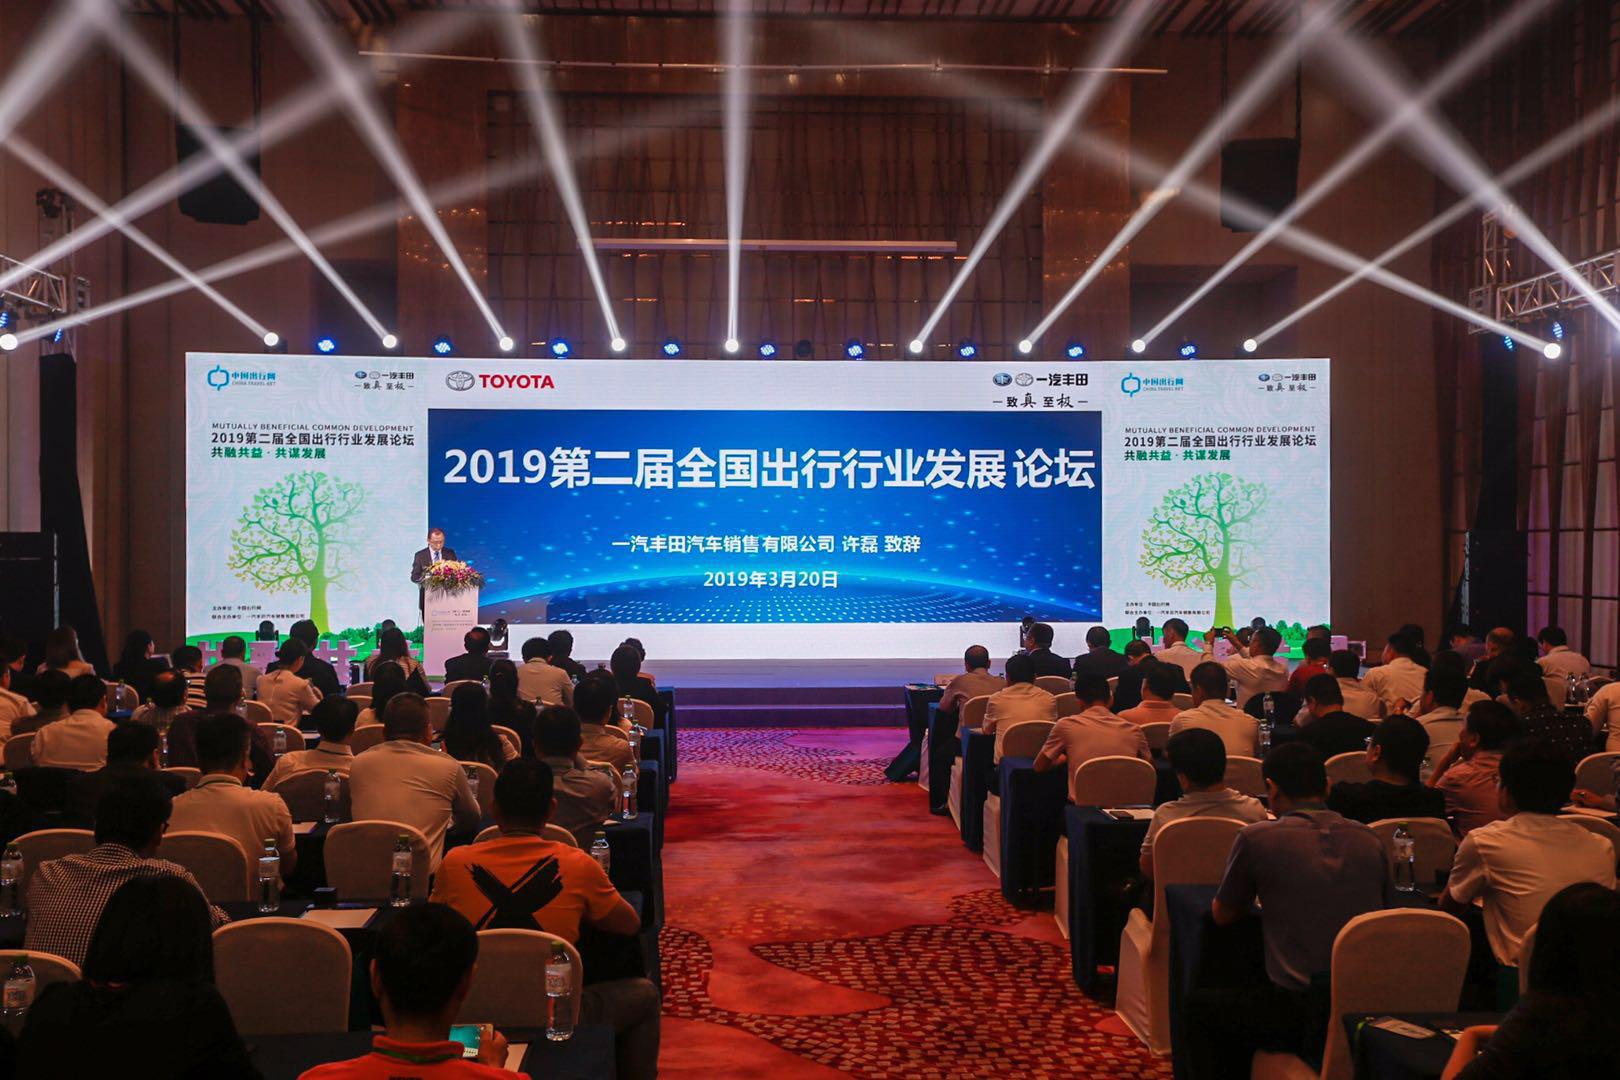 全国出行行业论坛盛大开幕,卡罗拉双擎E+助力高品质绿色出行